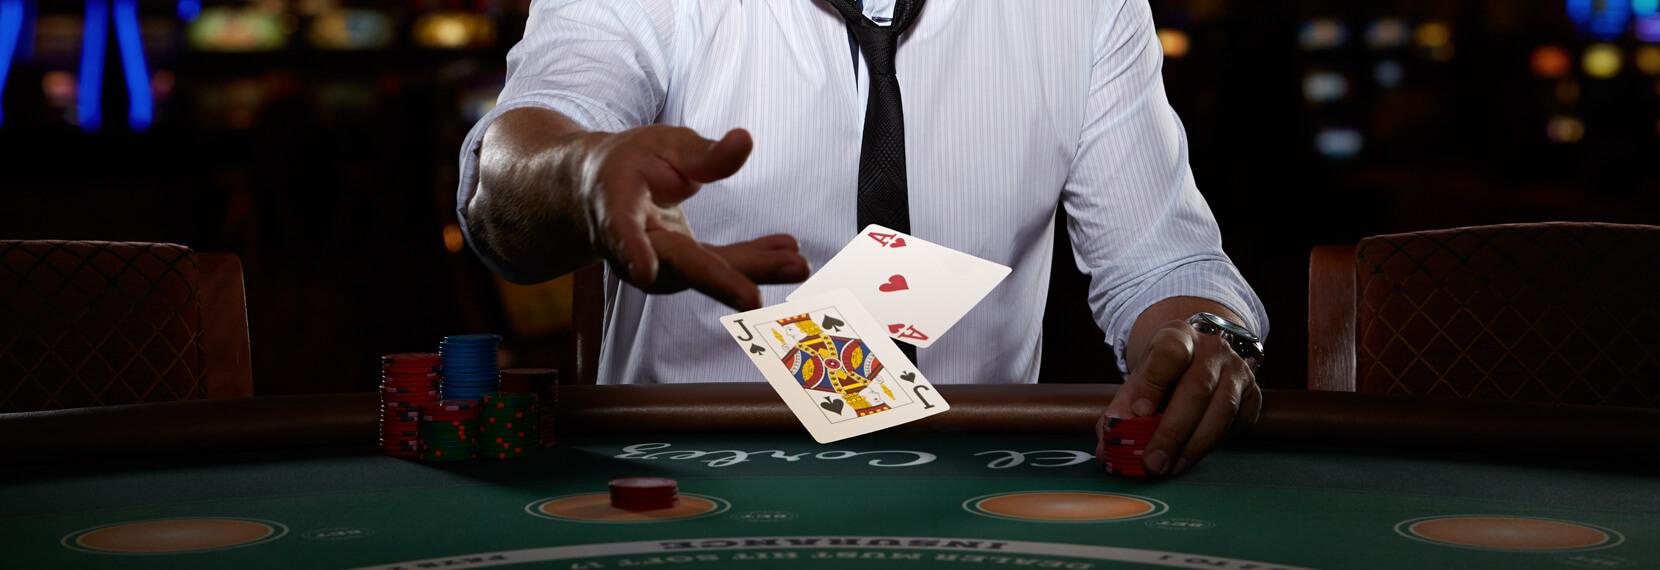 Le jeu de casino que j'aime le plus